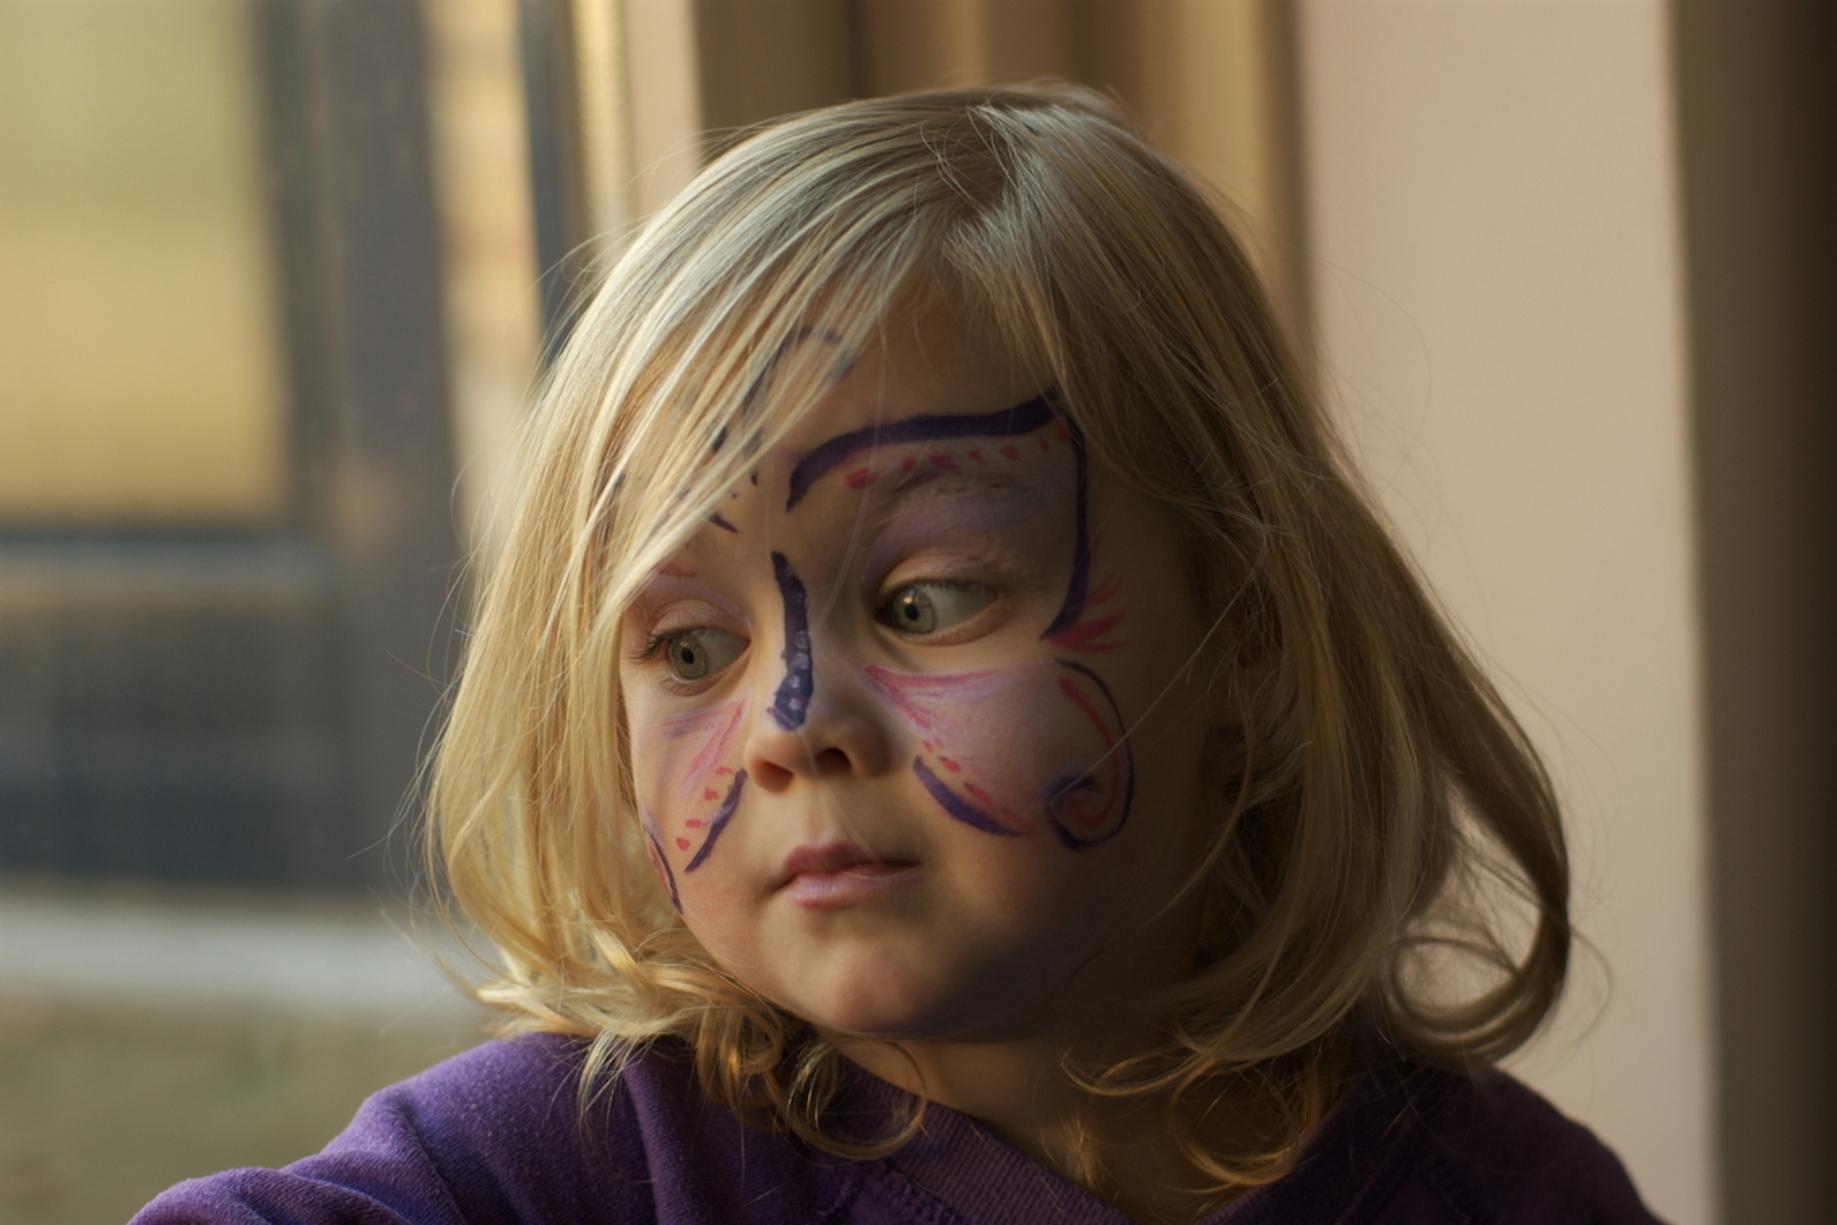 Fleur als vlinder - Mijn dochter als vlinder - foto door bthijssen op 30-12-2011 - deze foto bevat: portret, kind, sony a390, sony 50mm f1 4